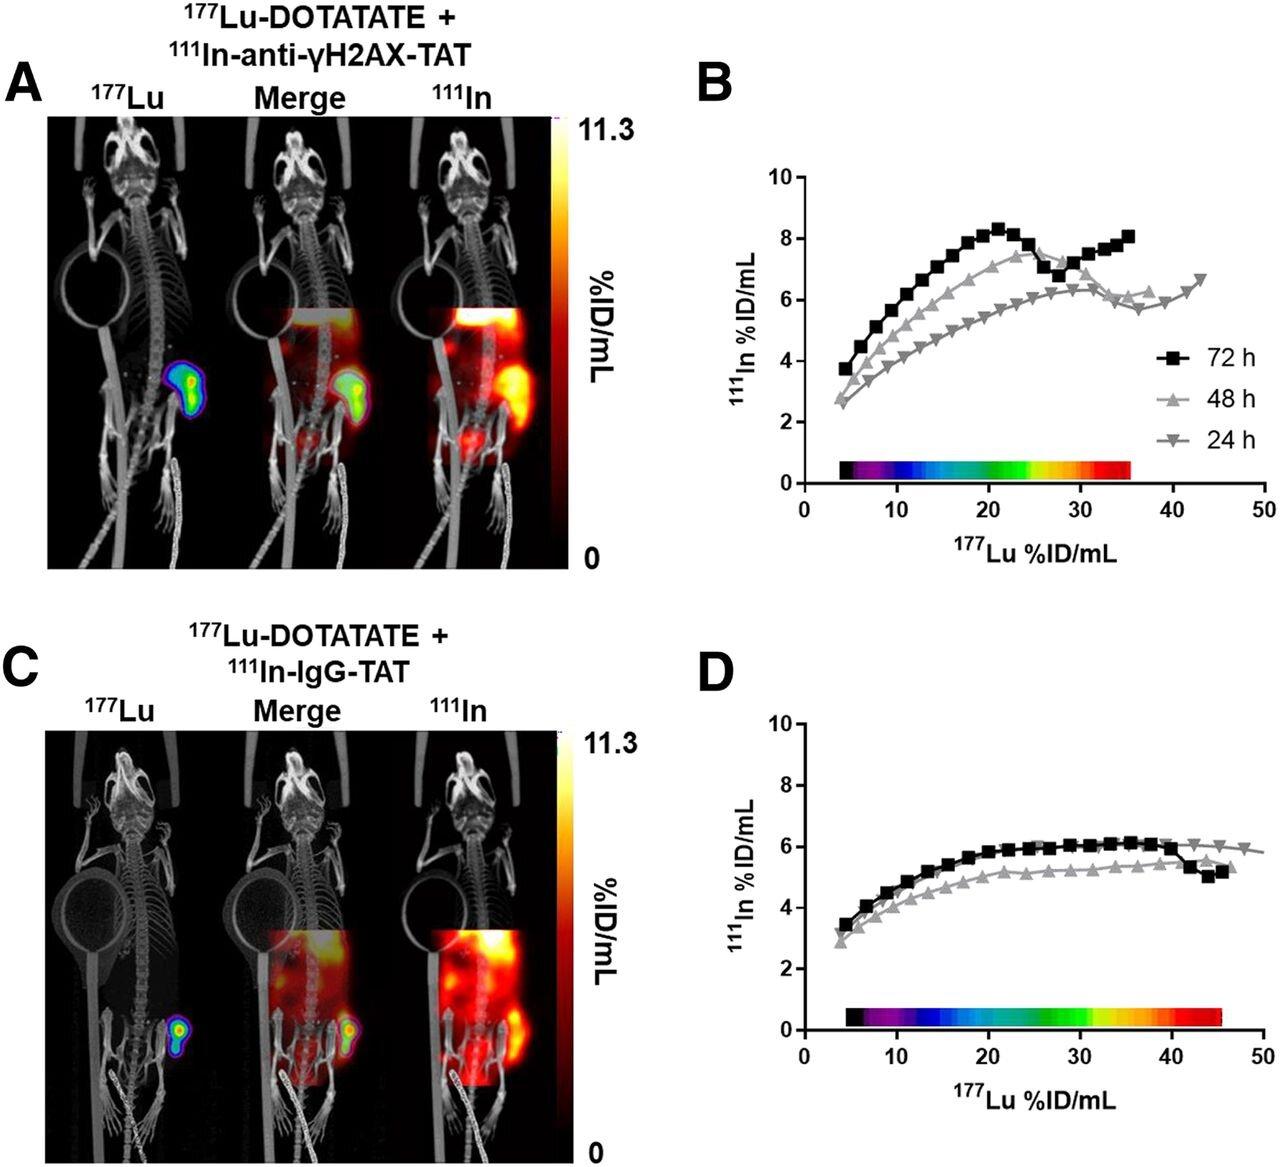 Die molekulare Bildgebung bietet einen Einblick in die Therapie-Ergebnisse für neuroendokrine tumor-Patienten